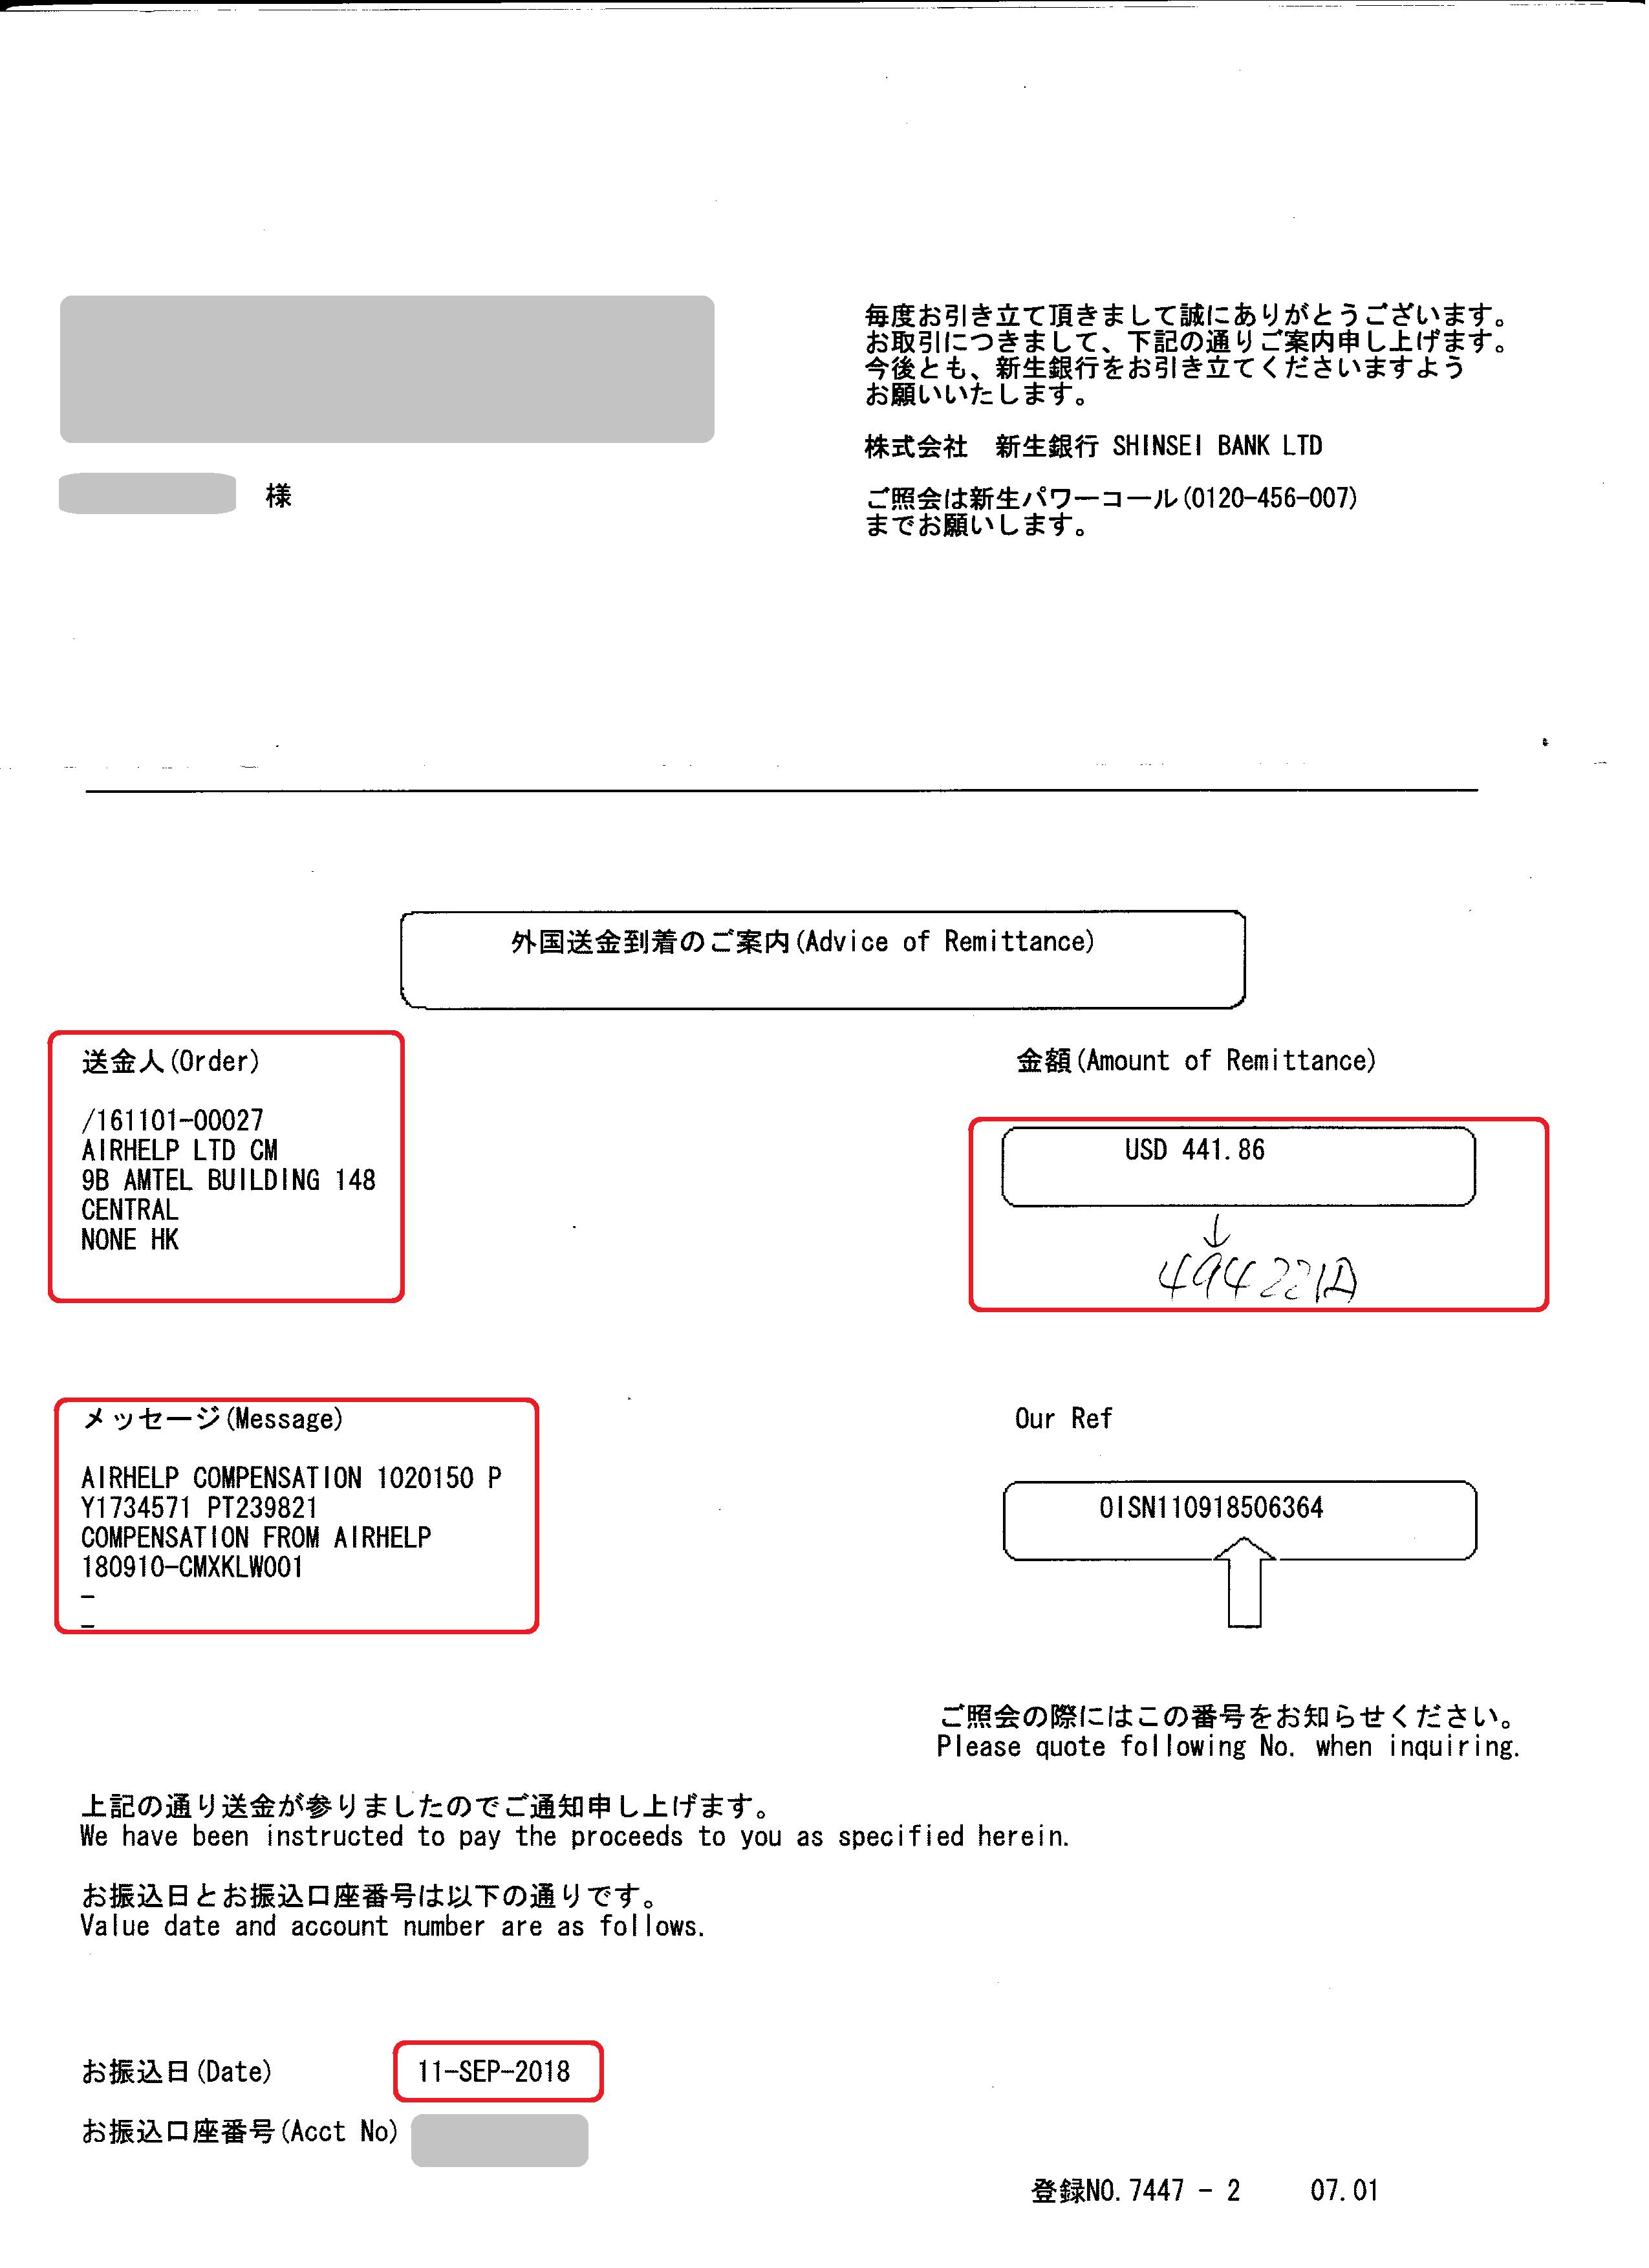 新生銀行からの入金通知。2018-09-17(1)